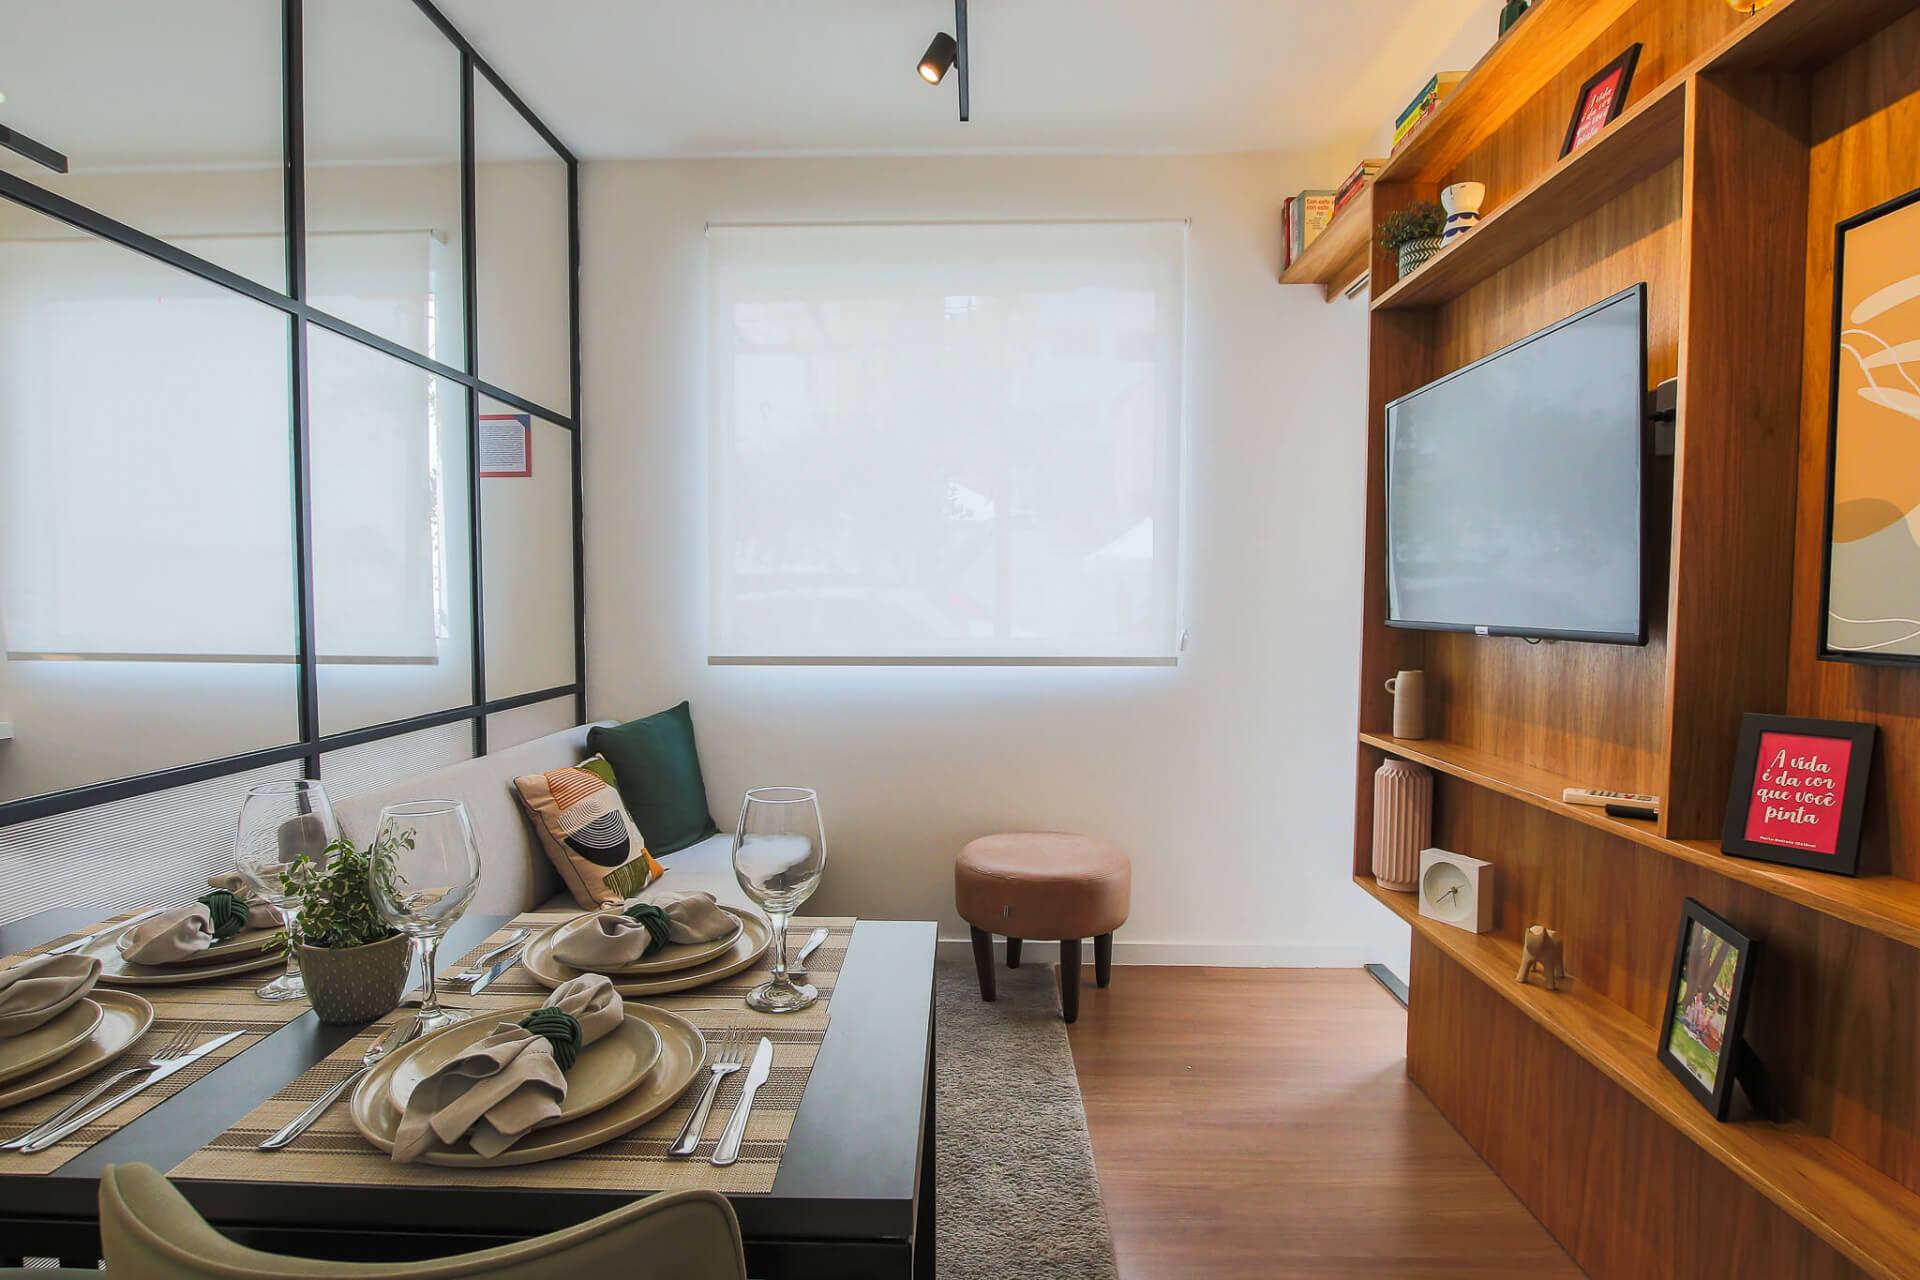 SALA do apto de 25 m² vista da entrada do apartamento. A área social e o dormitório são iluminados naturalmente por aberturas, que proporcionam um ambiente arejado e uma residência salubre.